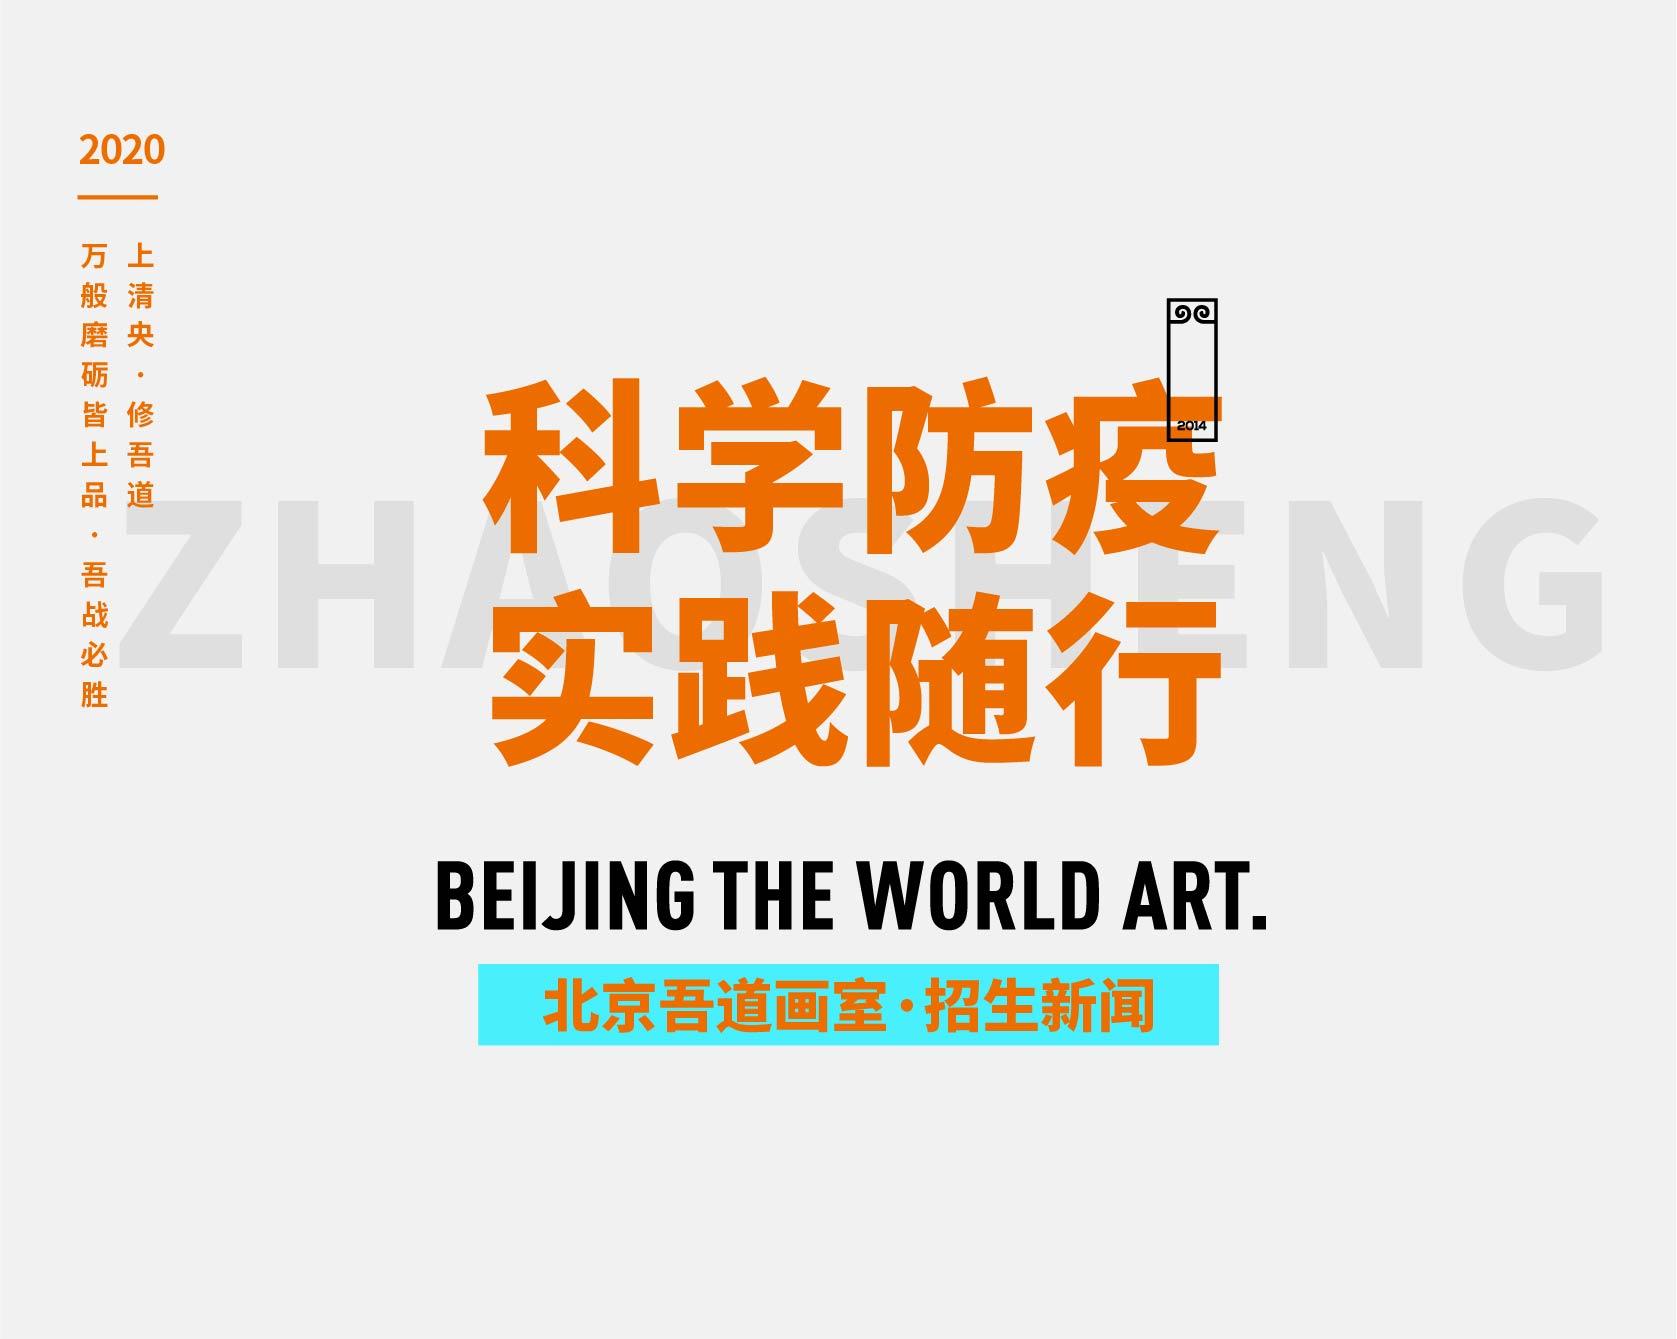 科学防疫,实践随行!吾道画室杭州校区防疫工作全面开展,严阵以待。